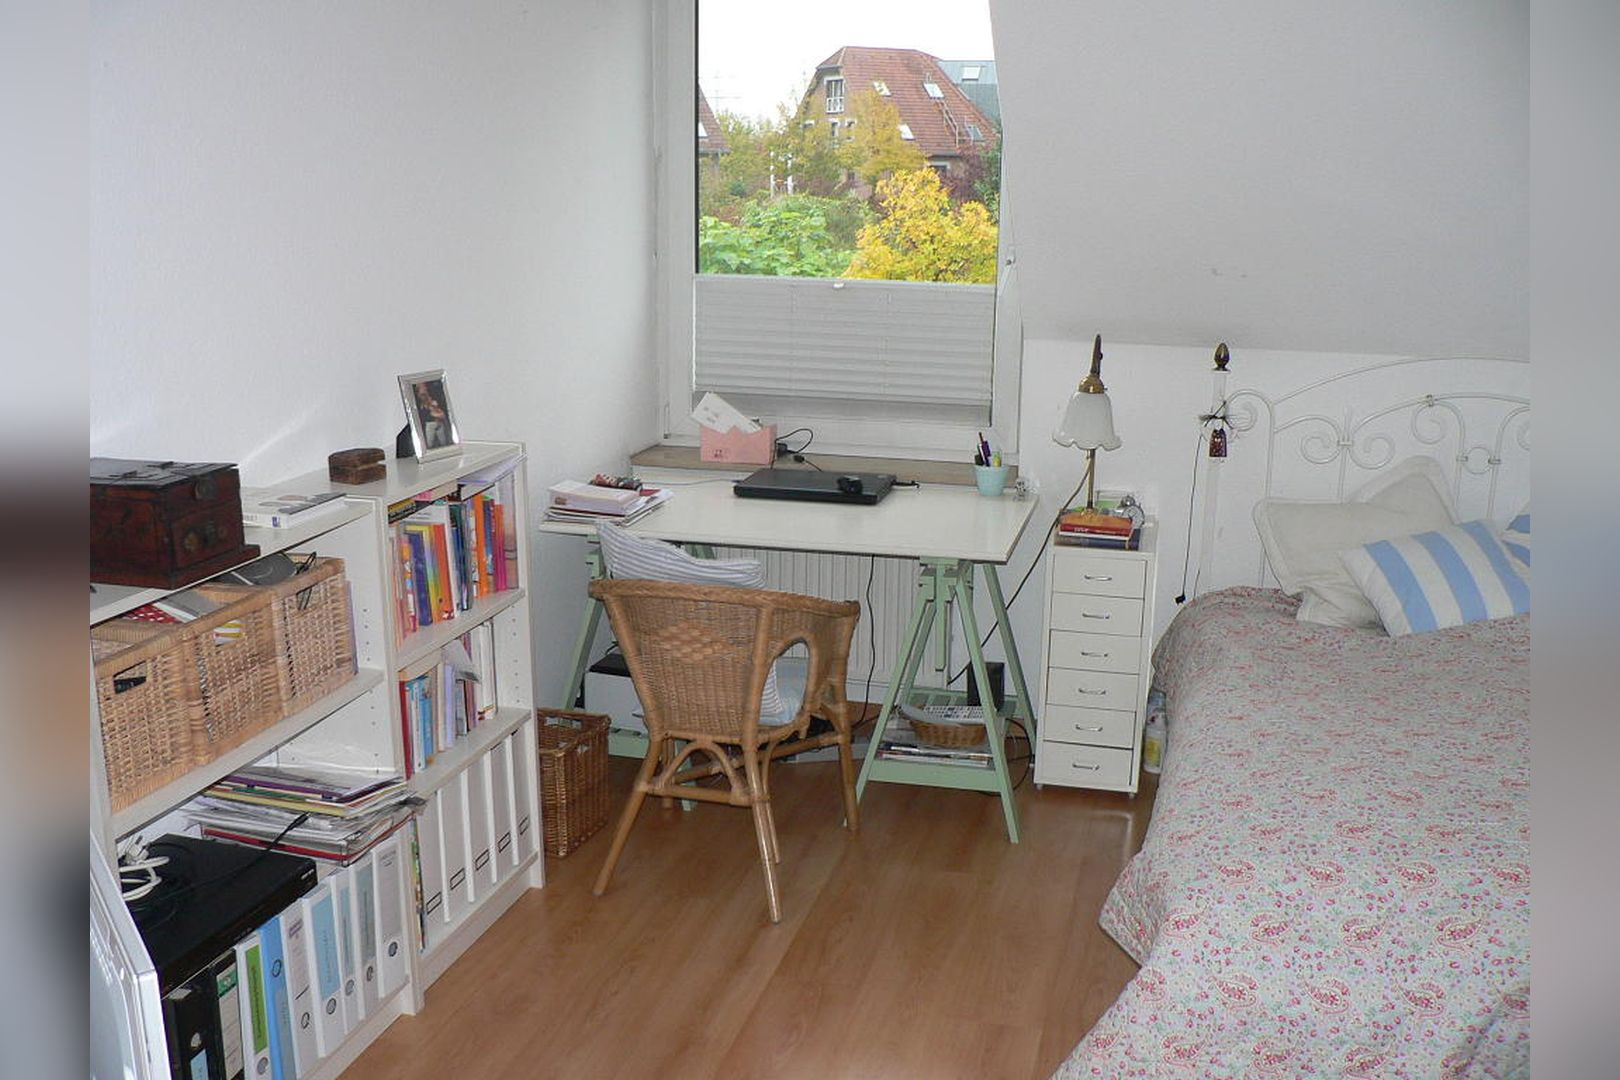 Immobilie Nr.0261 - Reihenmittelhaus mit Garten, Garage u. Stellpl. - Bild 6.jpg